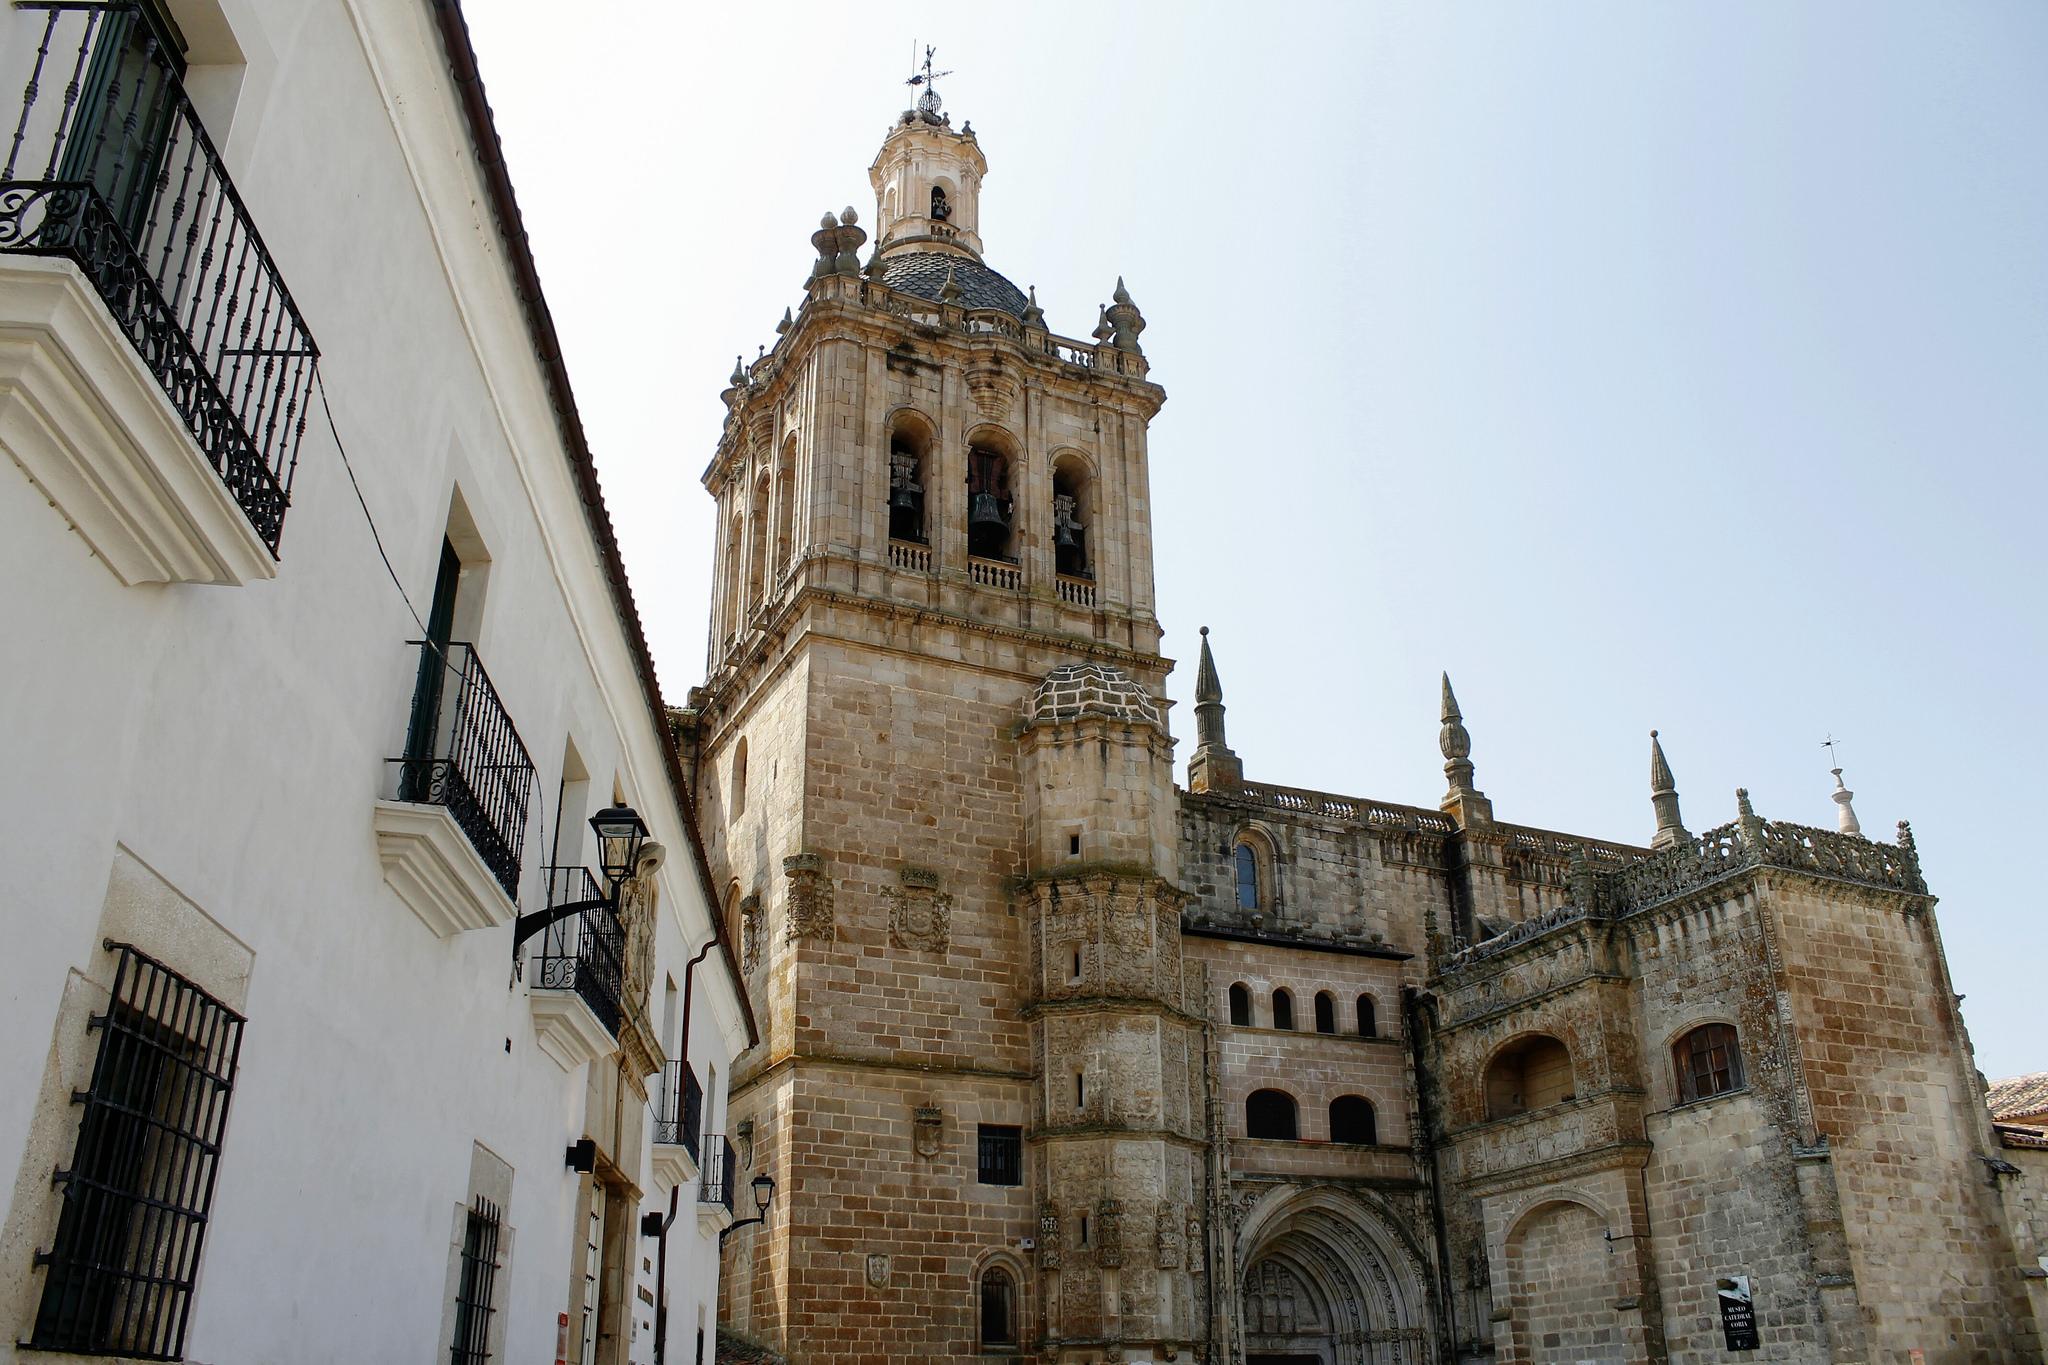 La catedral de Coria, en Extremadura, España, tardó aproximadamente 250 años en construirse.